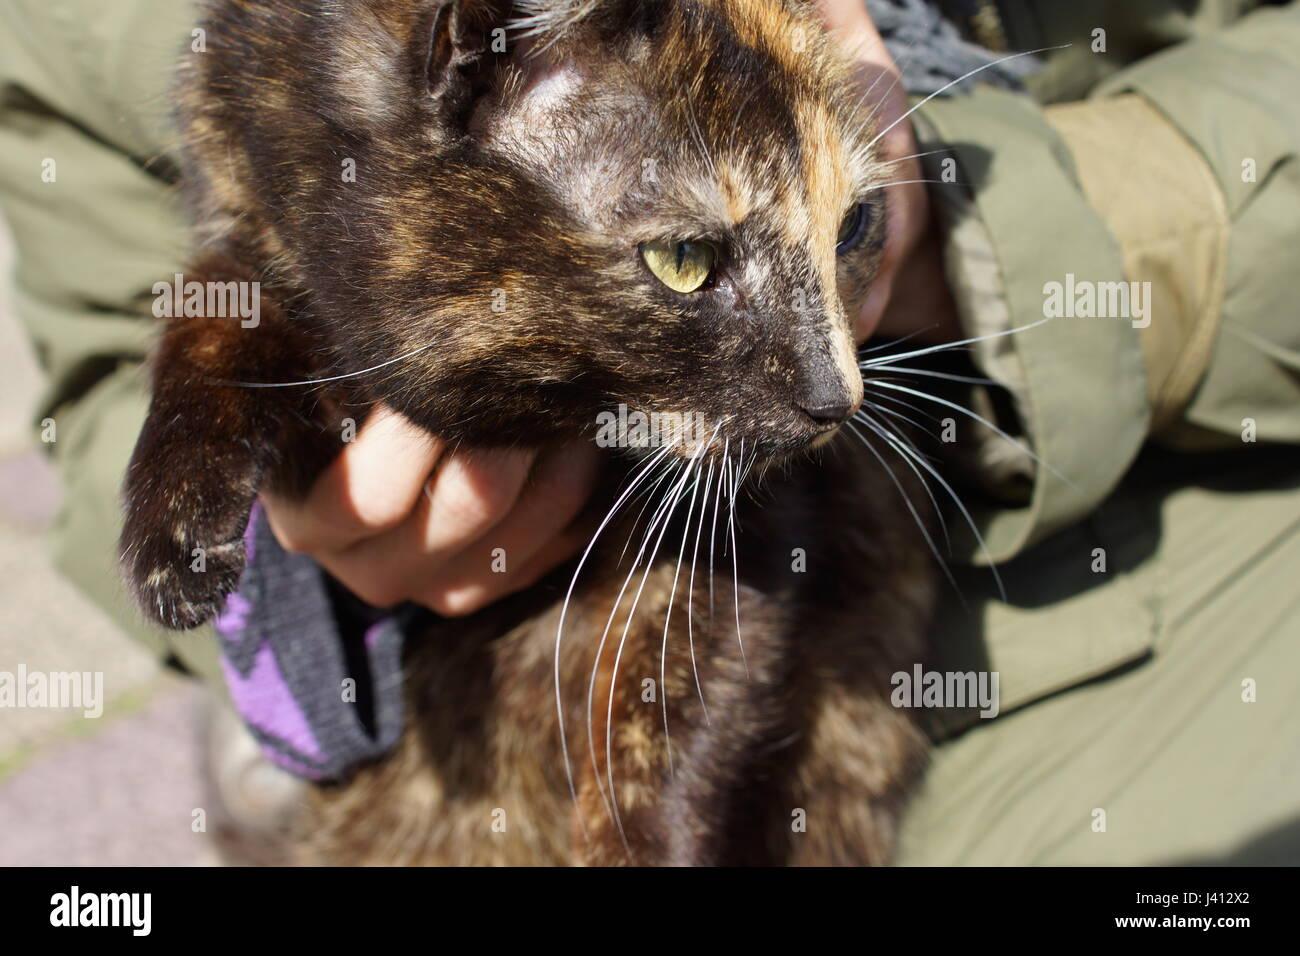 Black brown cat - Stock Image